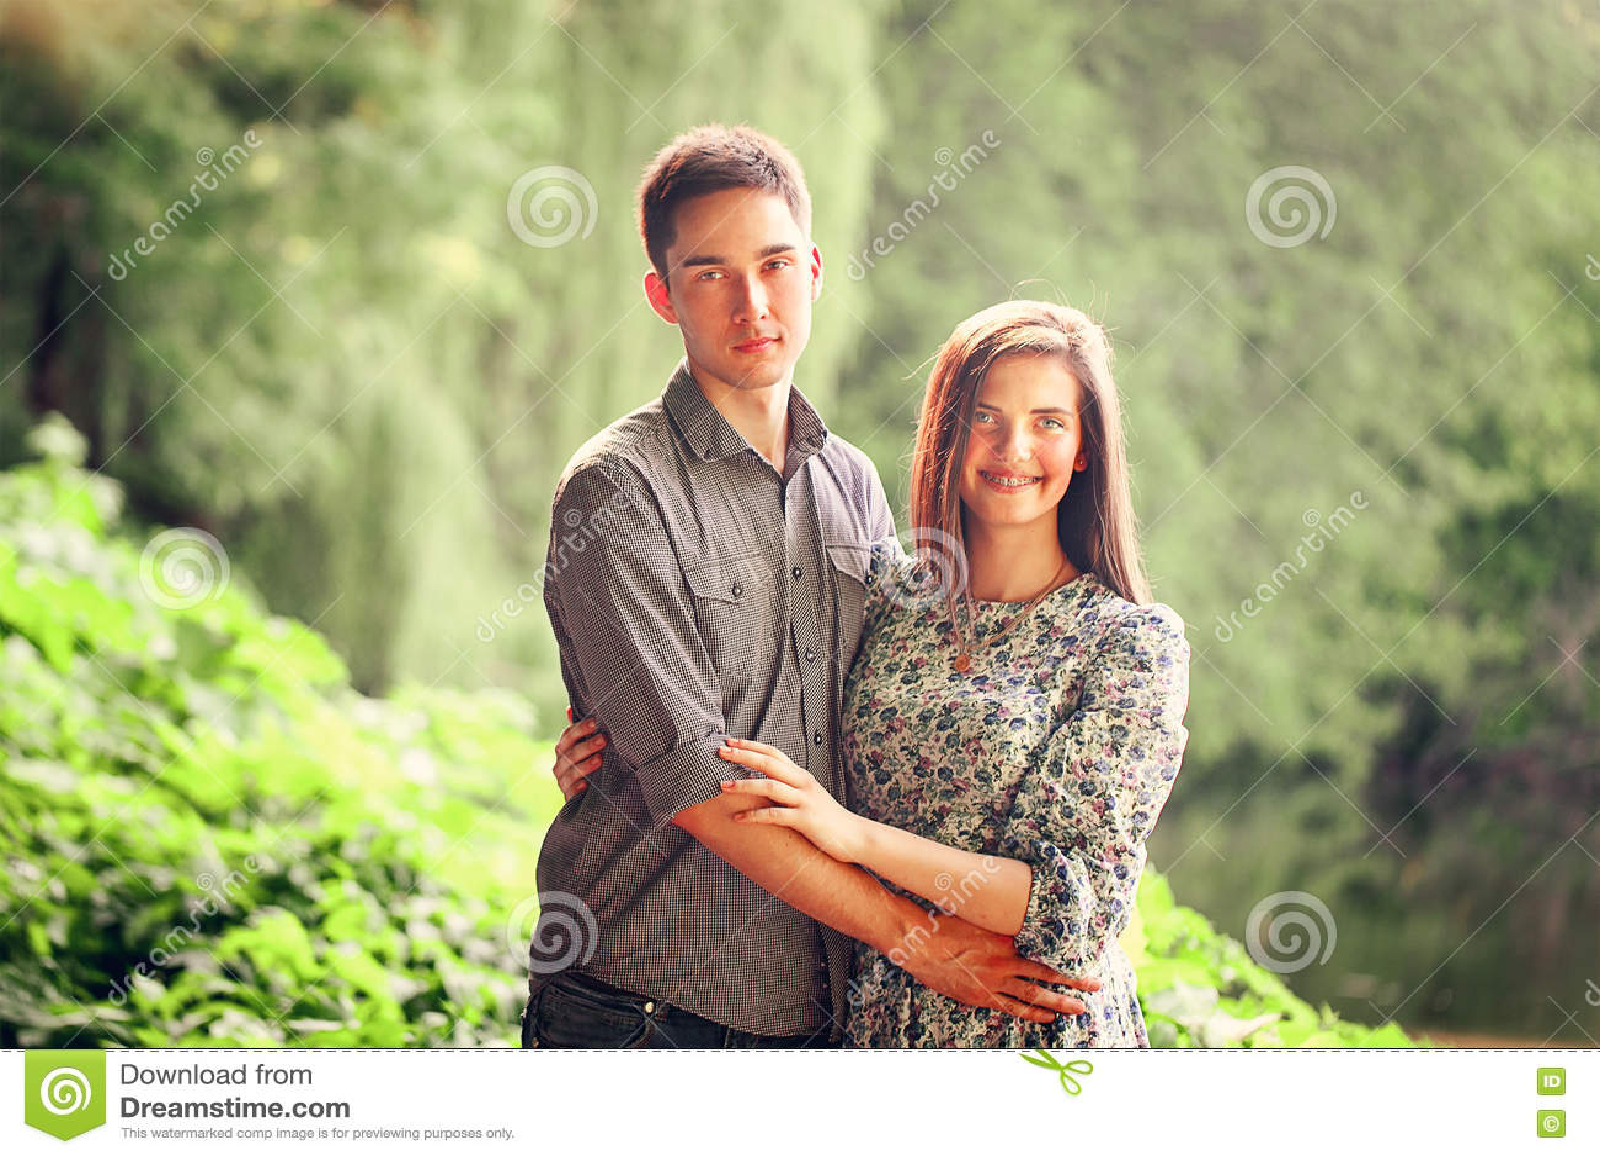 Hombre joven y mujer cariñosos